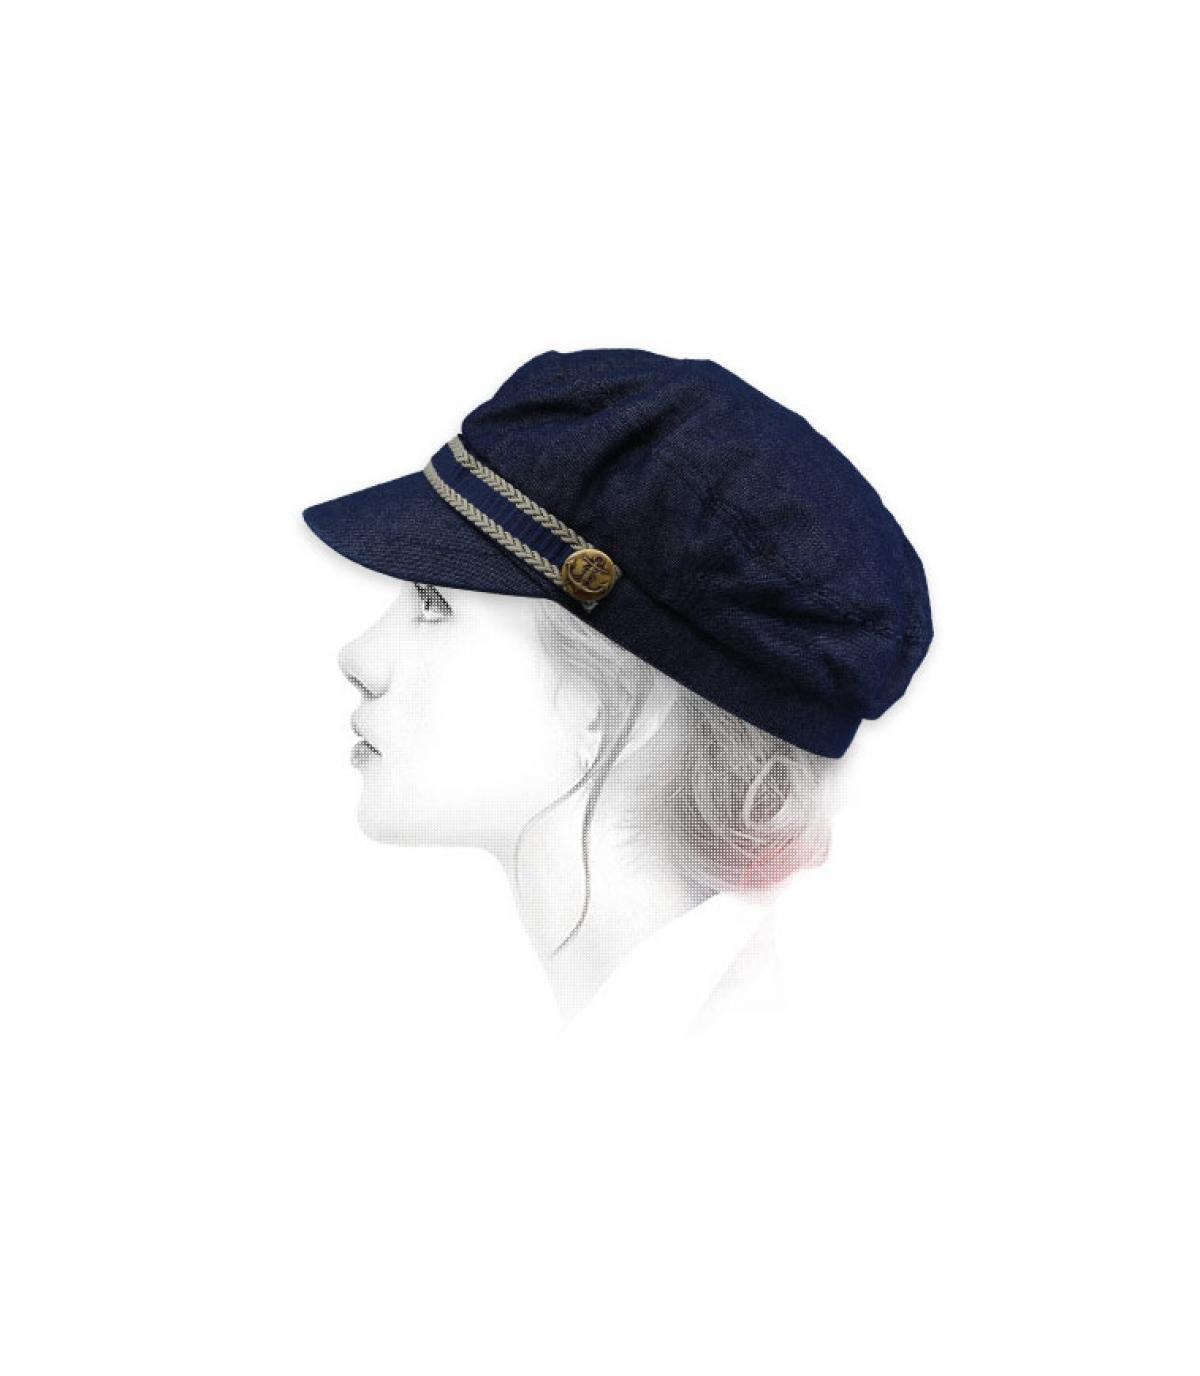 blue fisherman cap